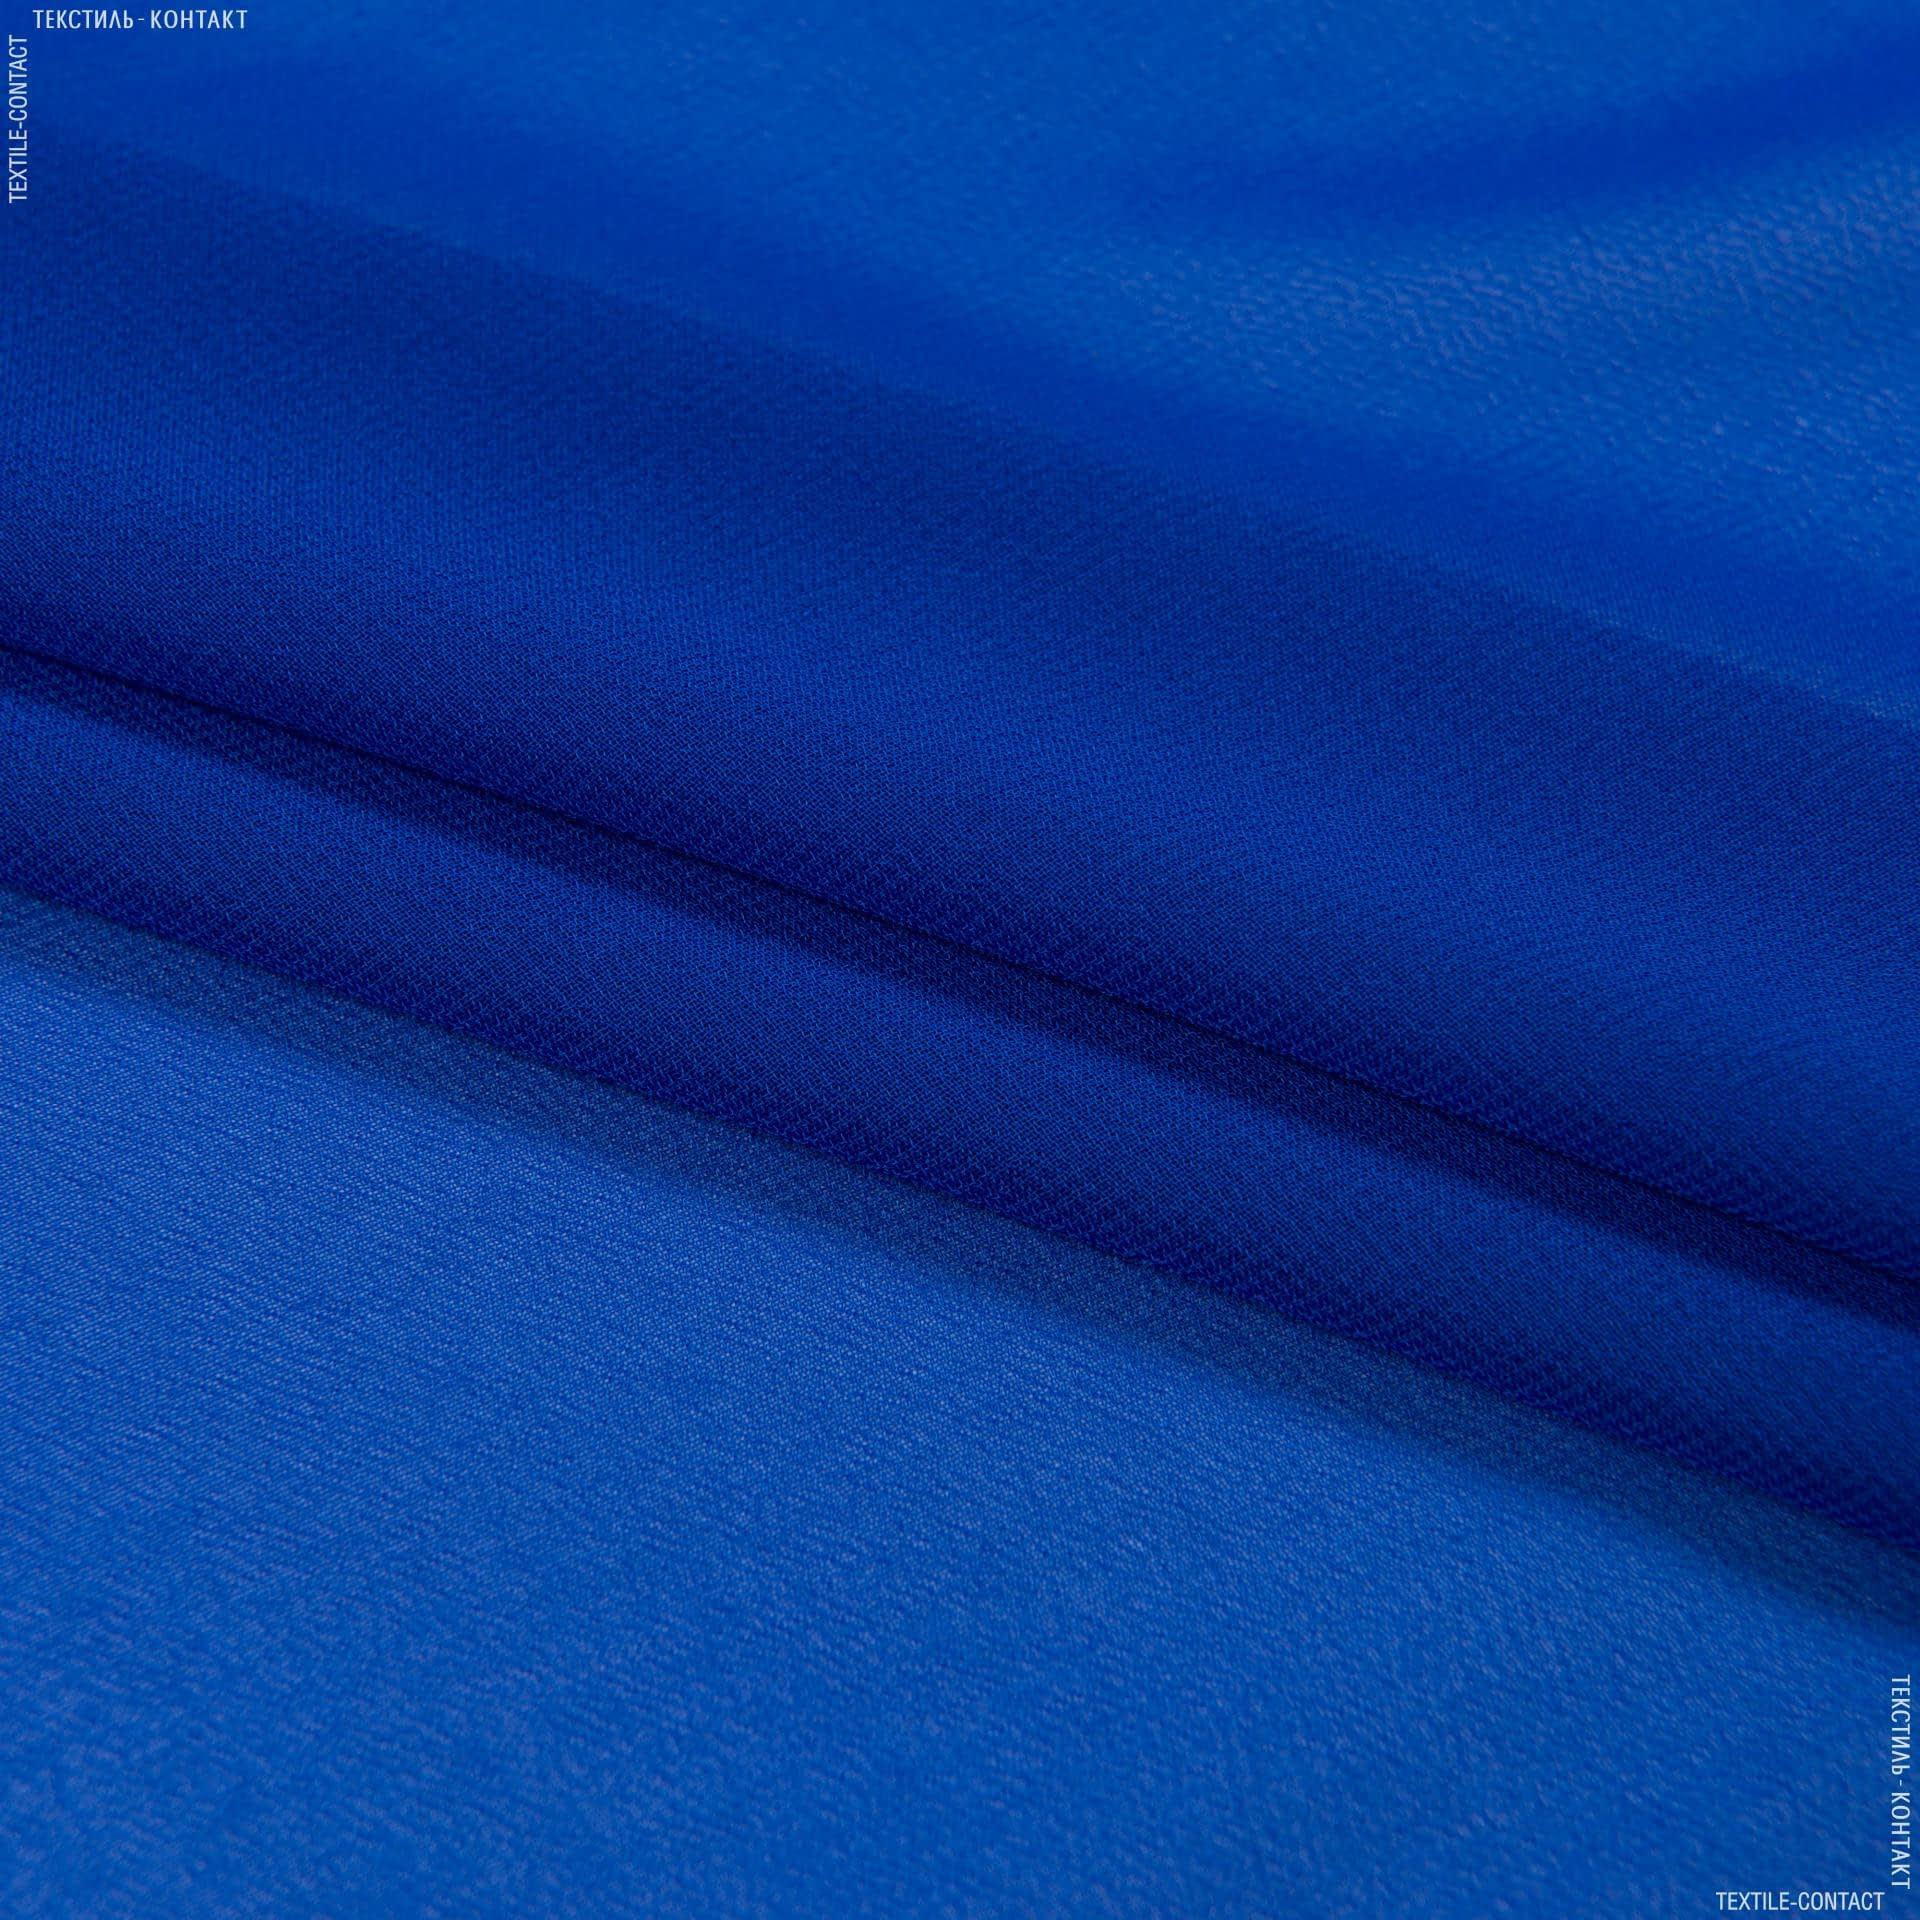 Ткани для платков и бандан - Шифон мульти электрик